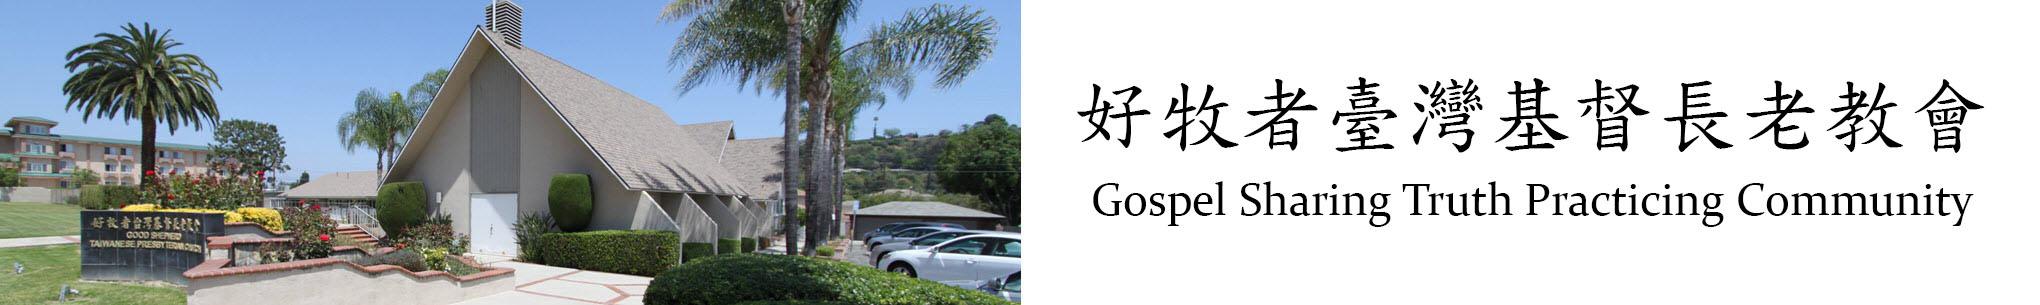 好牧者臺灣基督長老教會